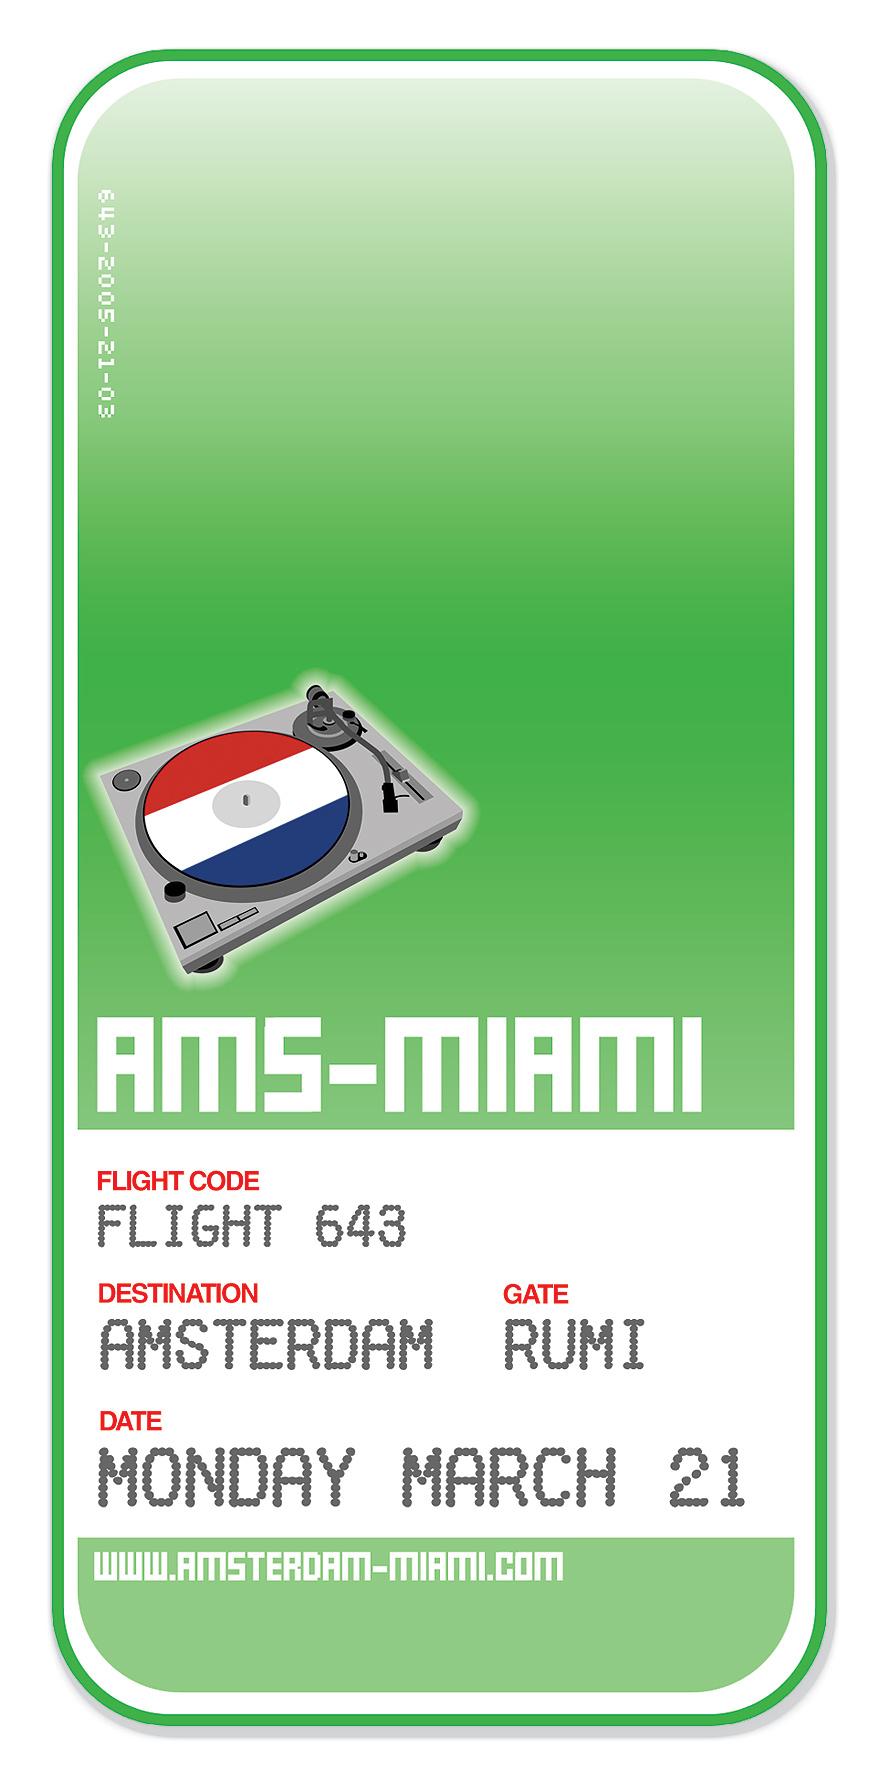 AMS-Miami at Rumi